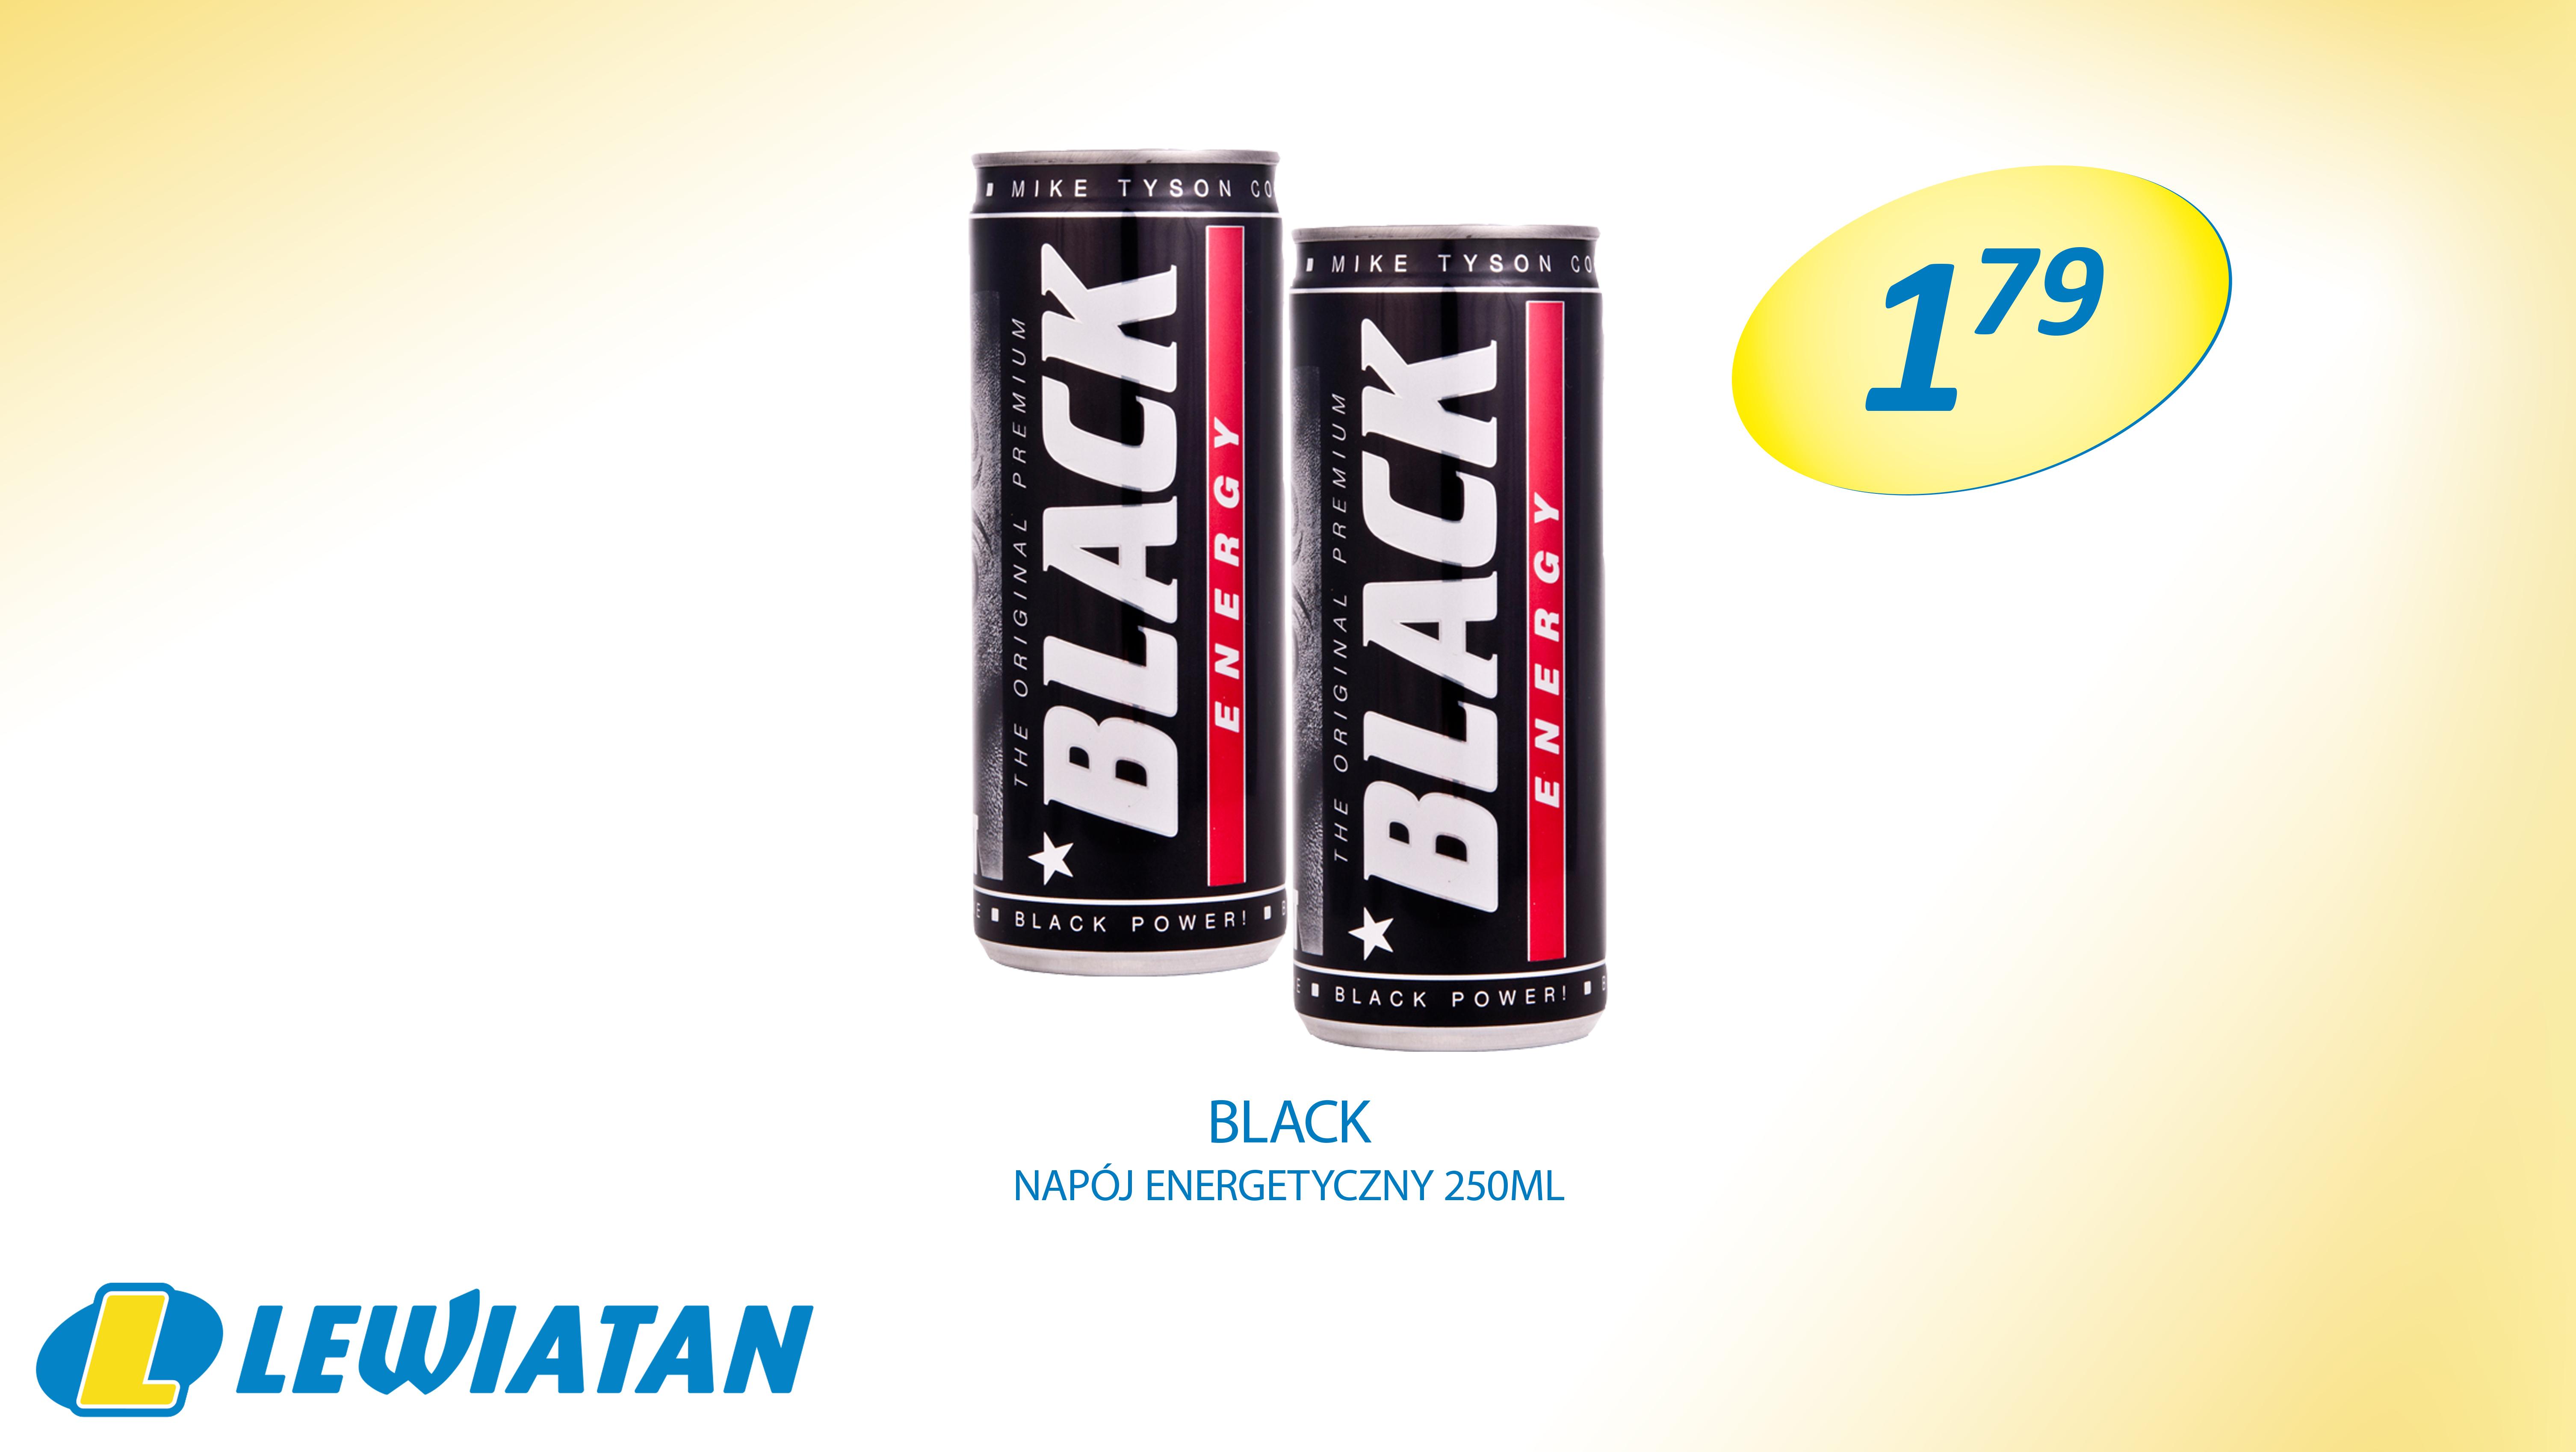 BLACK-179